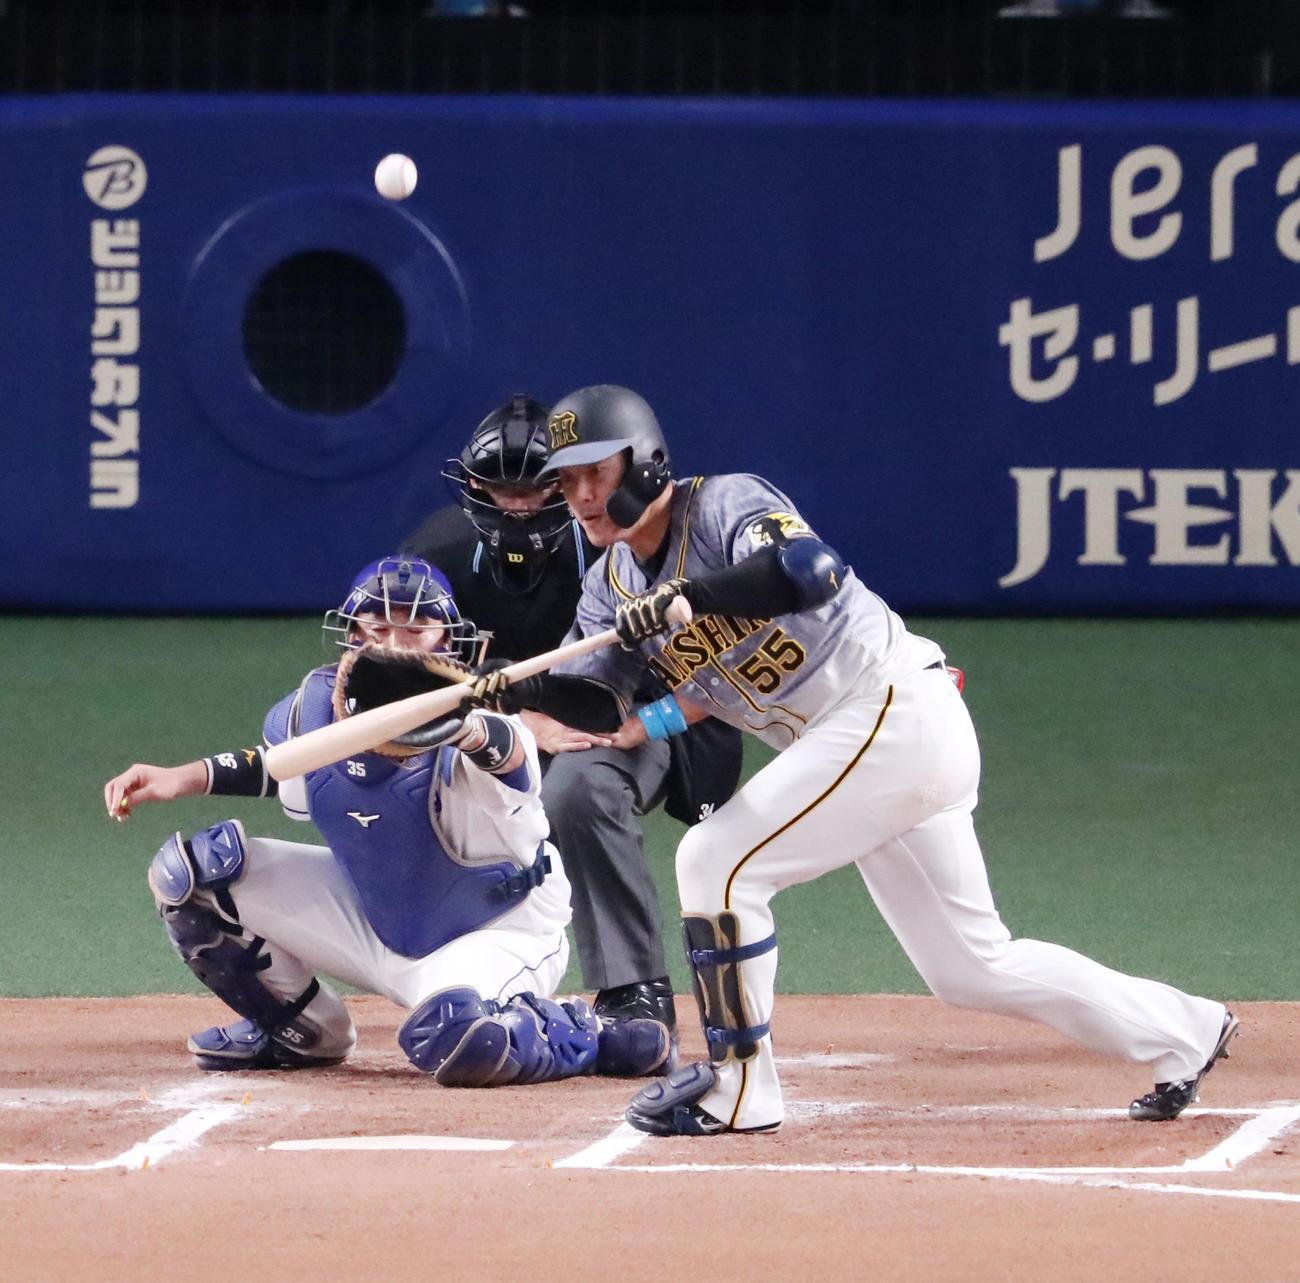 中日対阪神 6回表阪神無死一塁、陽川のバントは捕邪飛となる(撮影・加藤哉)